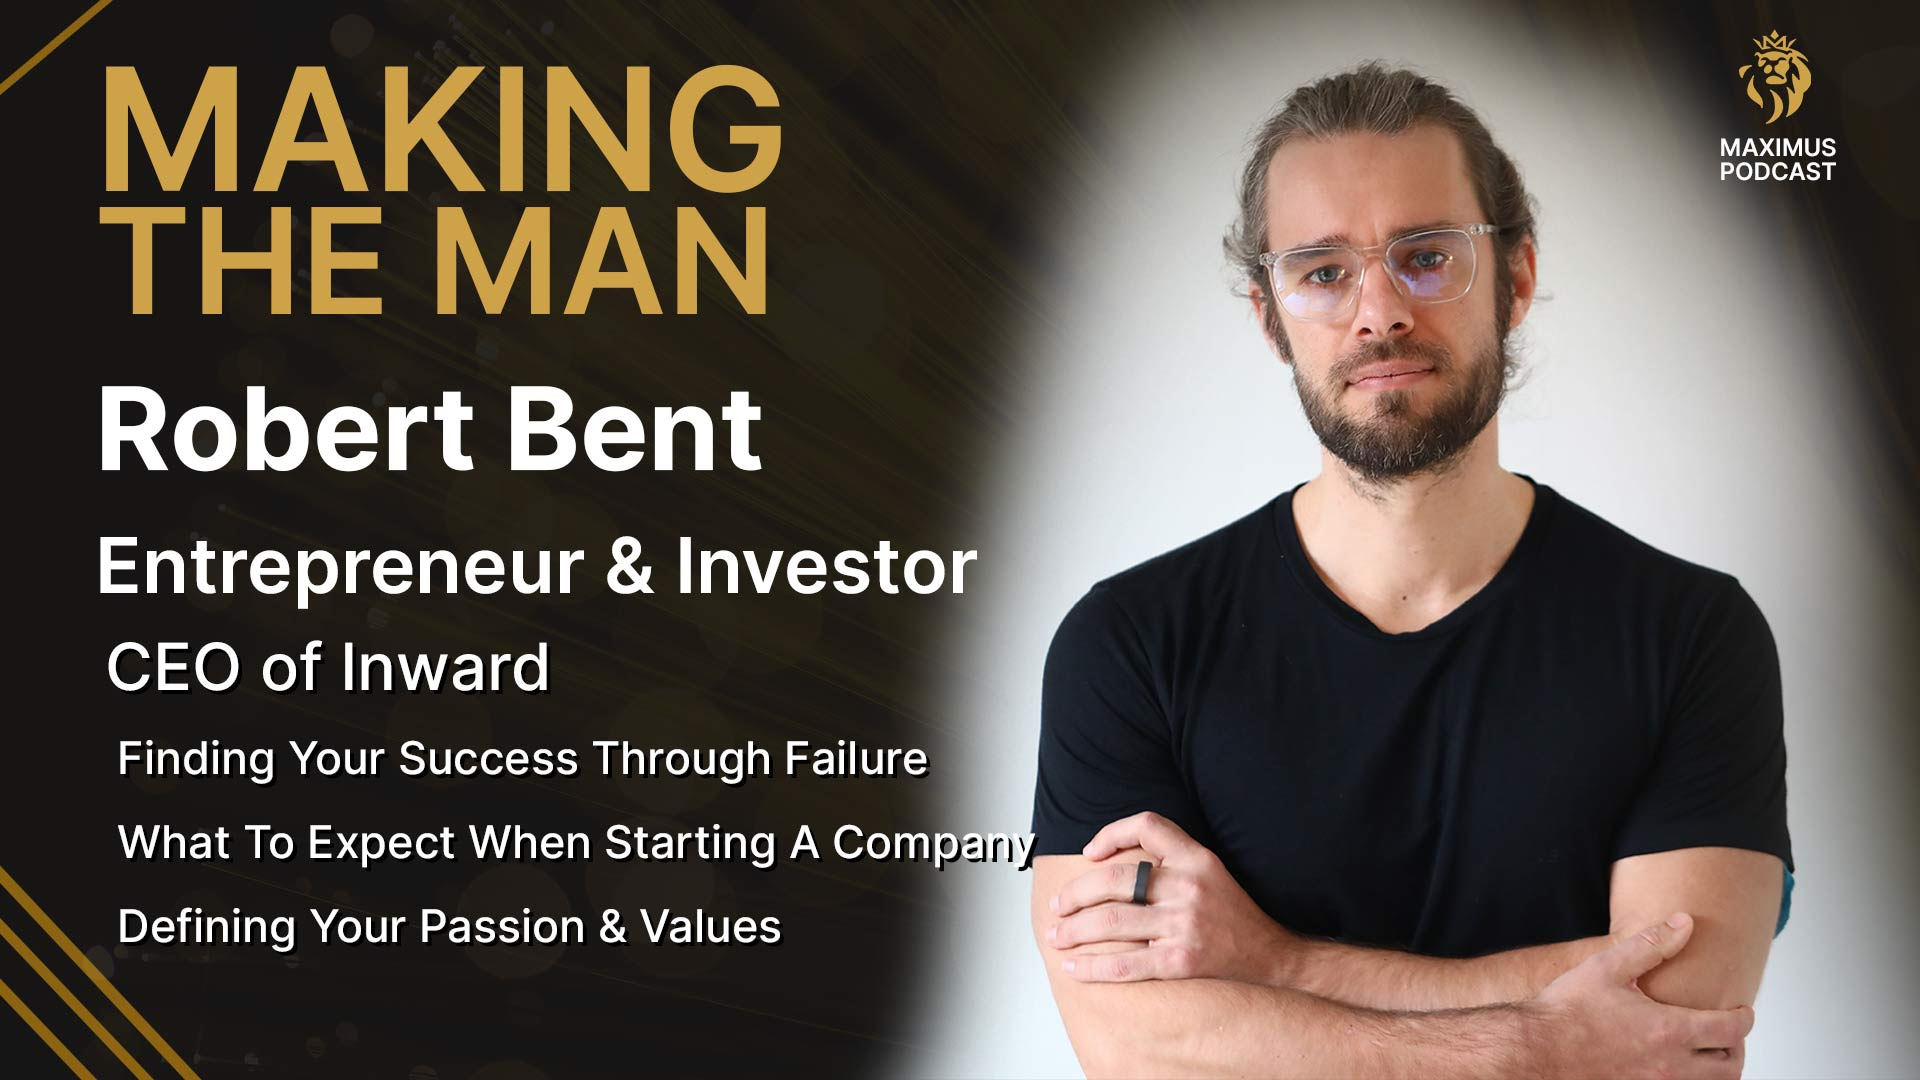 Making The Man: Robert Bent